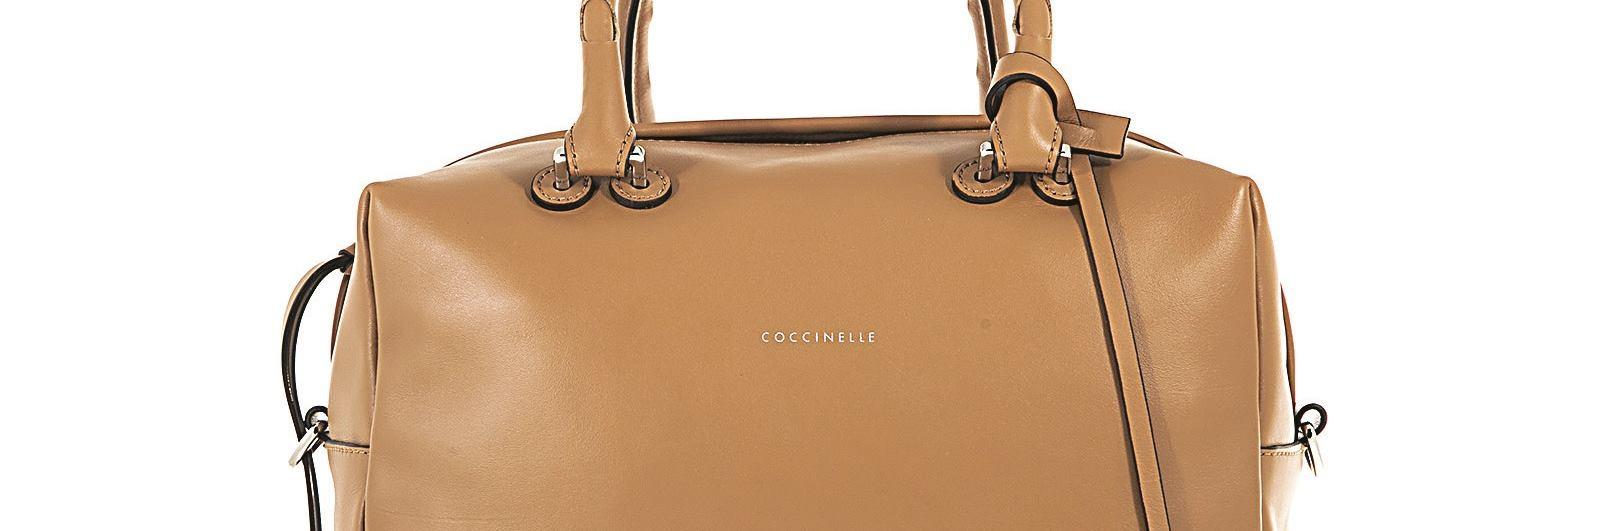 Coccinelle torba boje konjaka